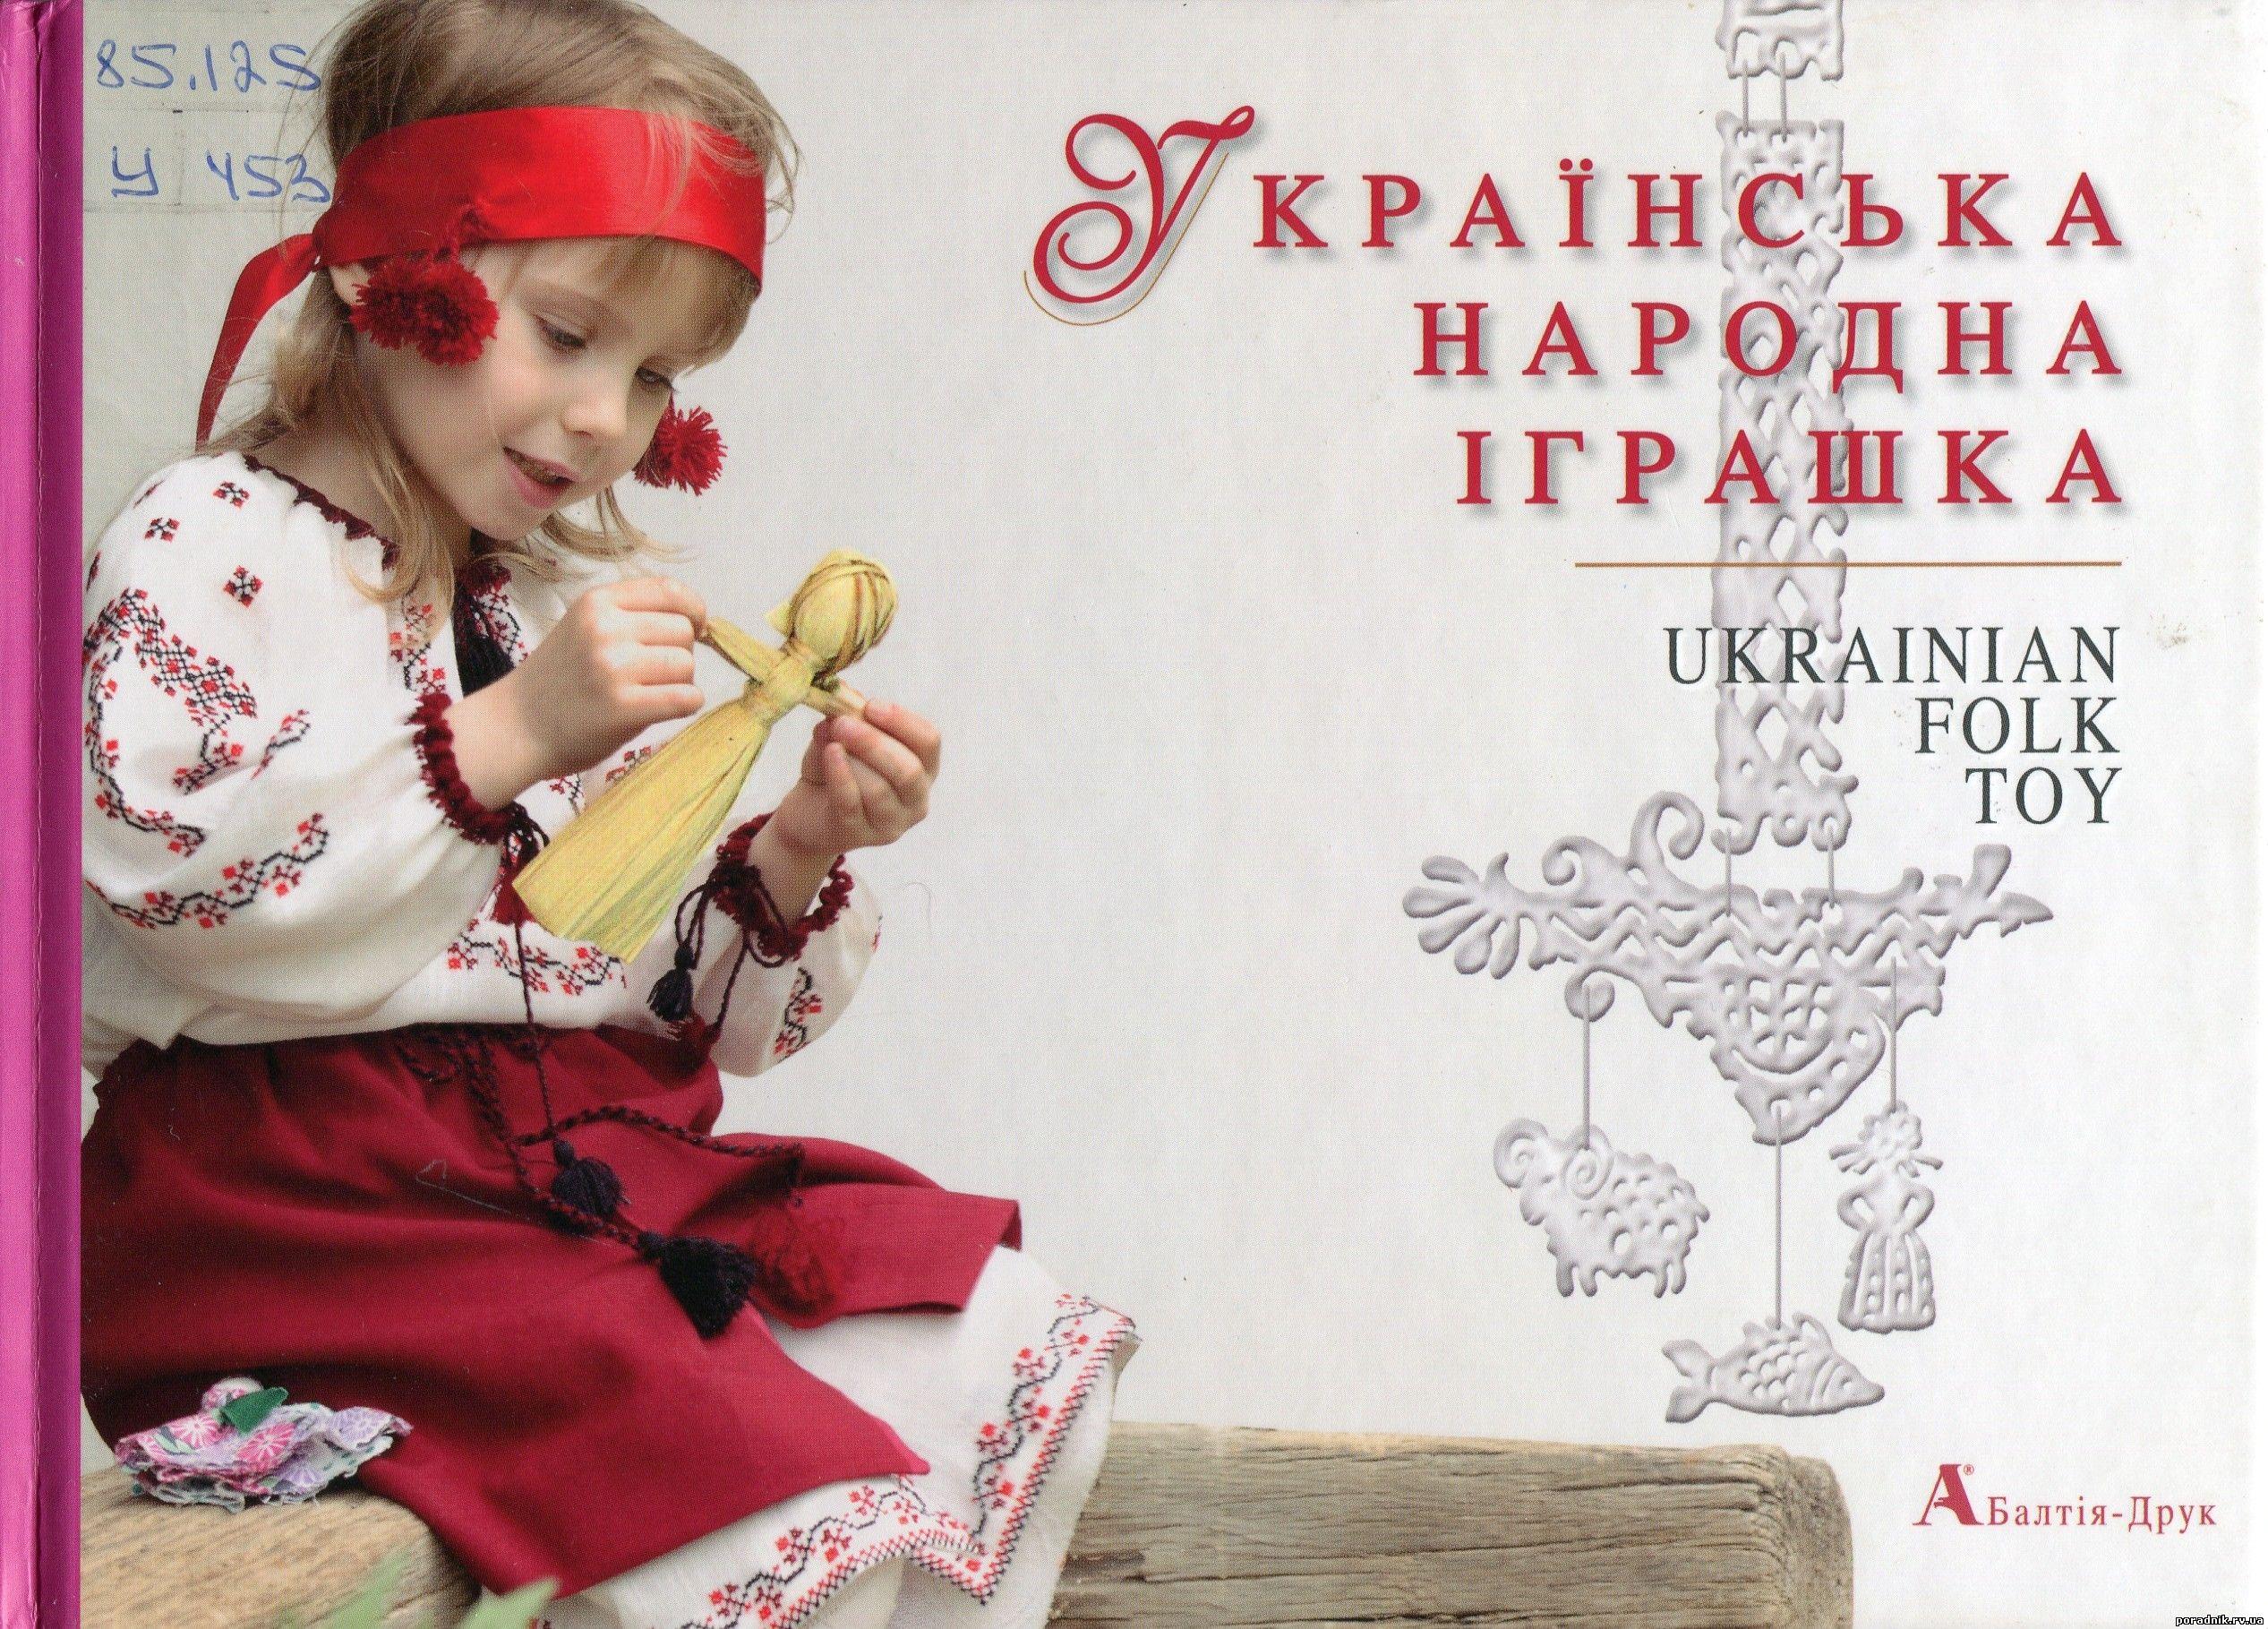 Юнникова лариса шгаибовна 12 фотография